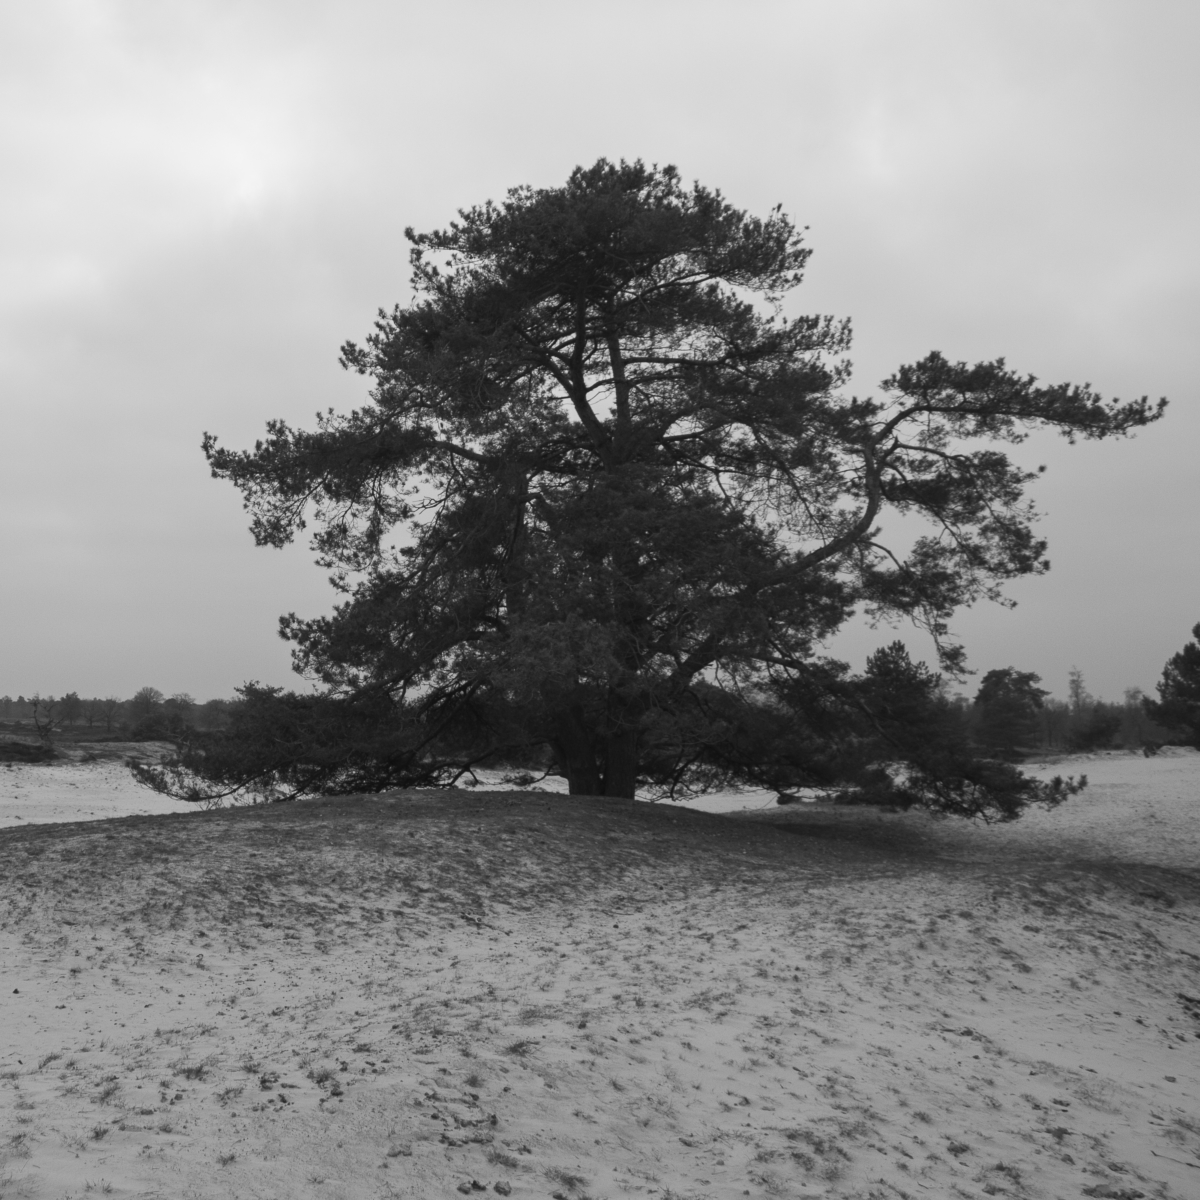 De serie laat bomen zien, die door stikstof zijn aangetast.